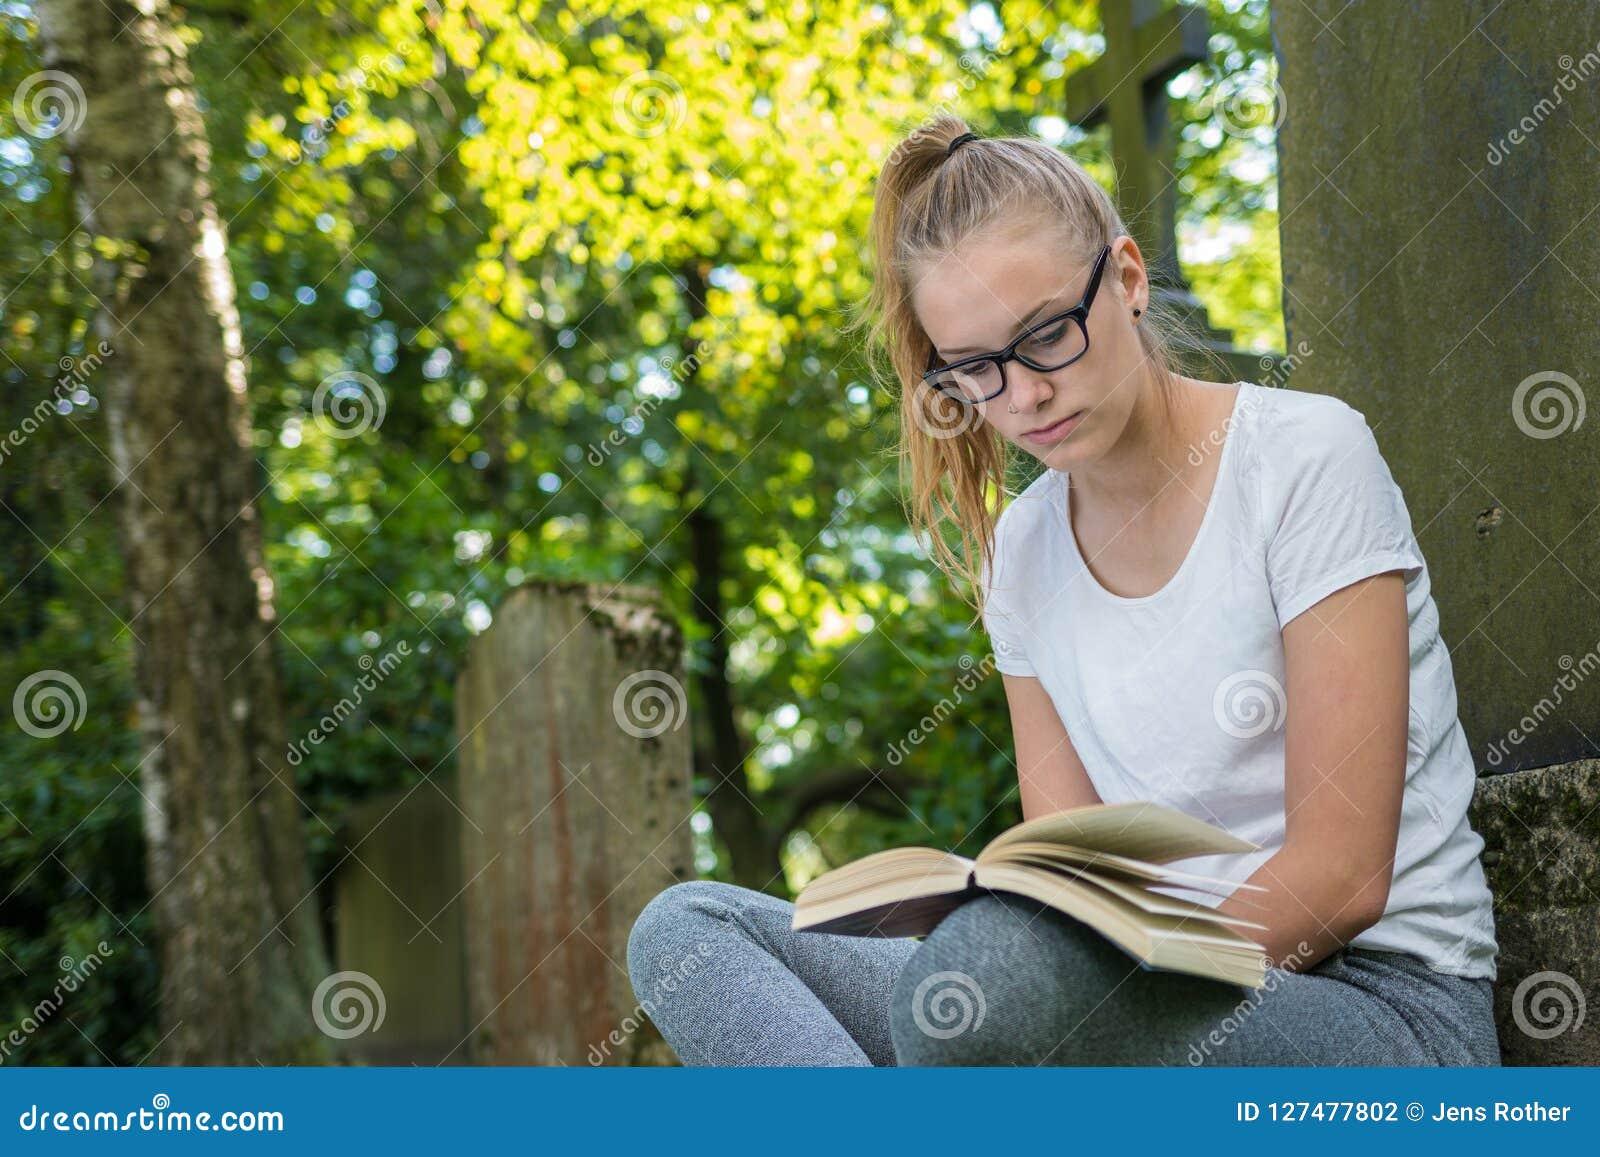 Молодая женщина сидит в парке и прочитала книгу